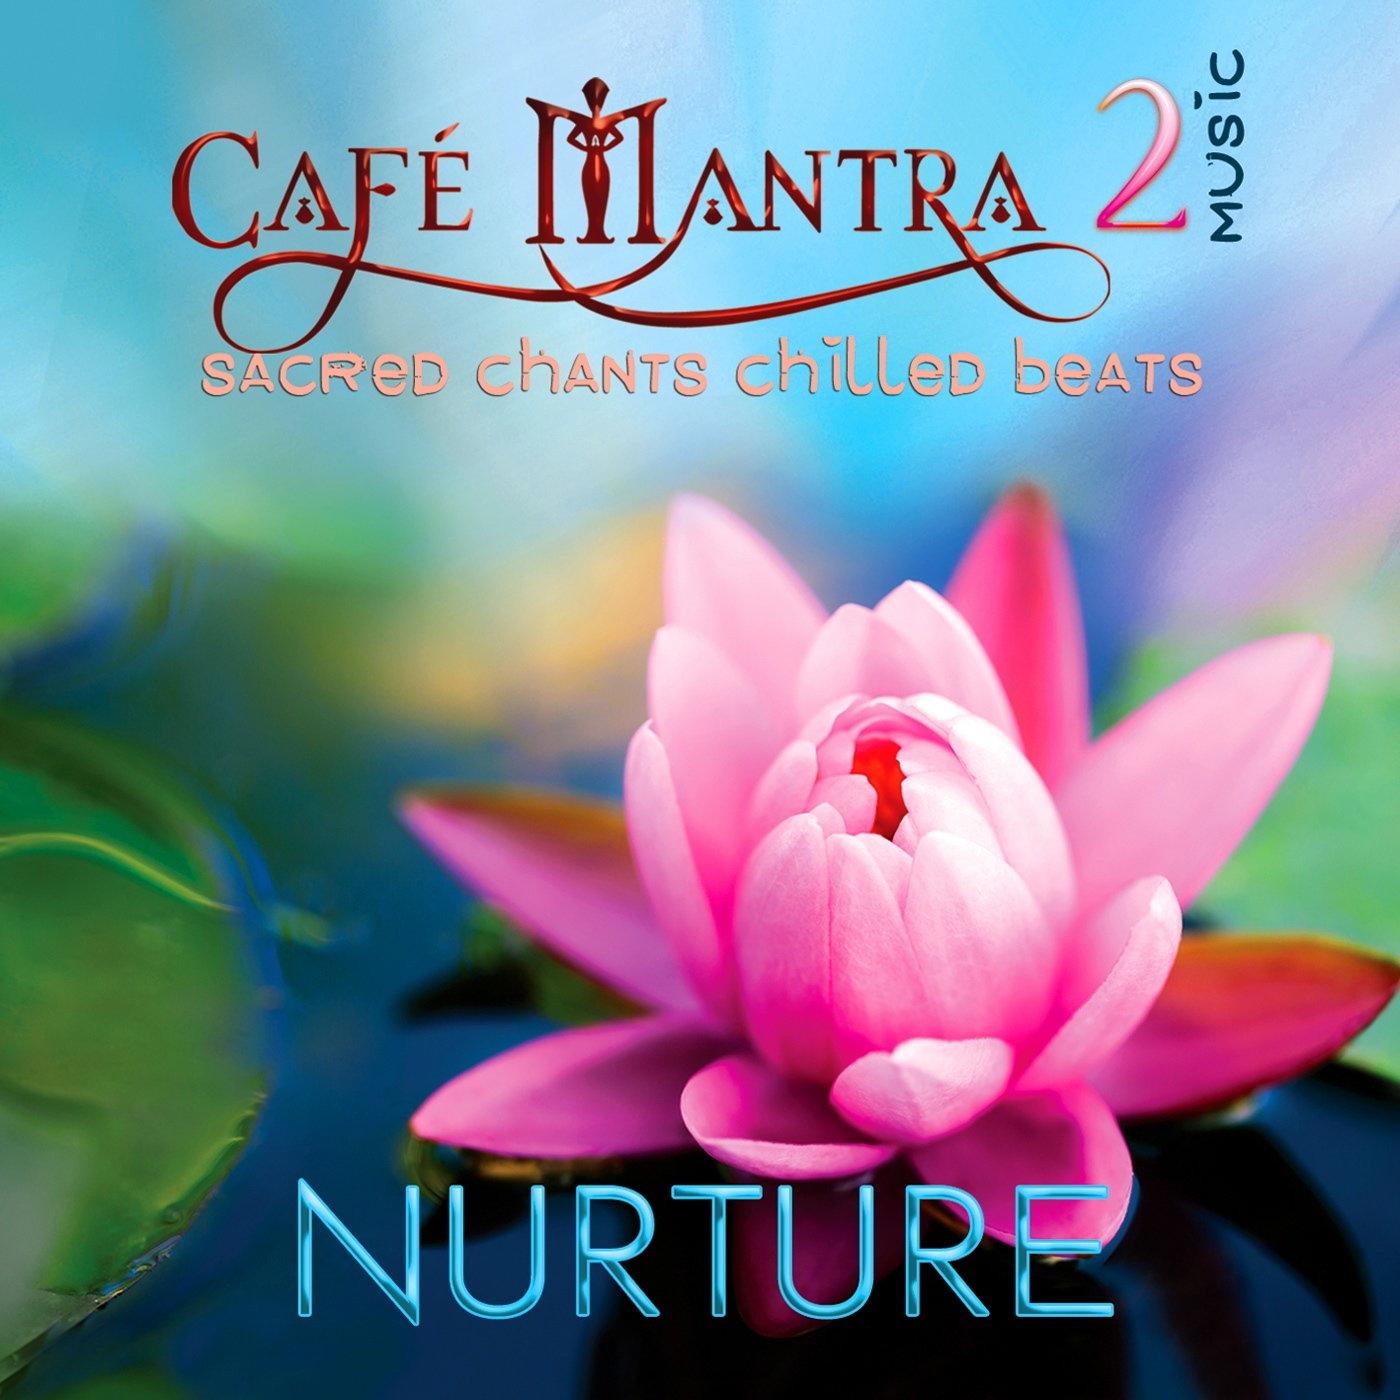 CD Cafe Mantra Music2 Nurture